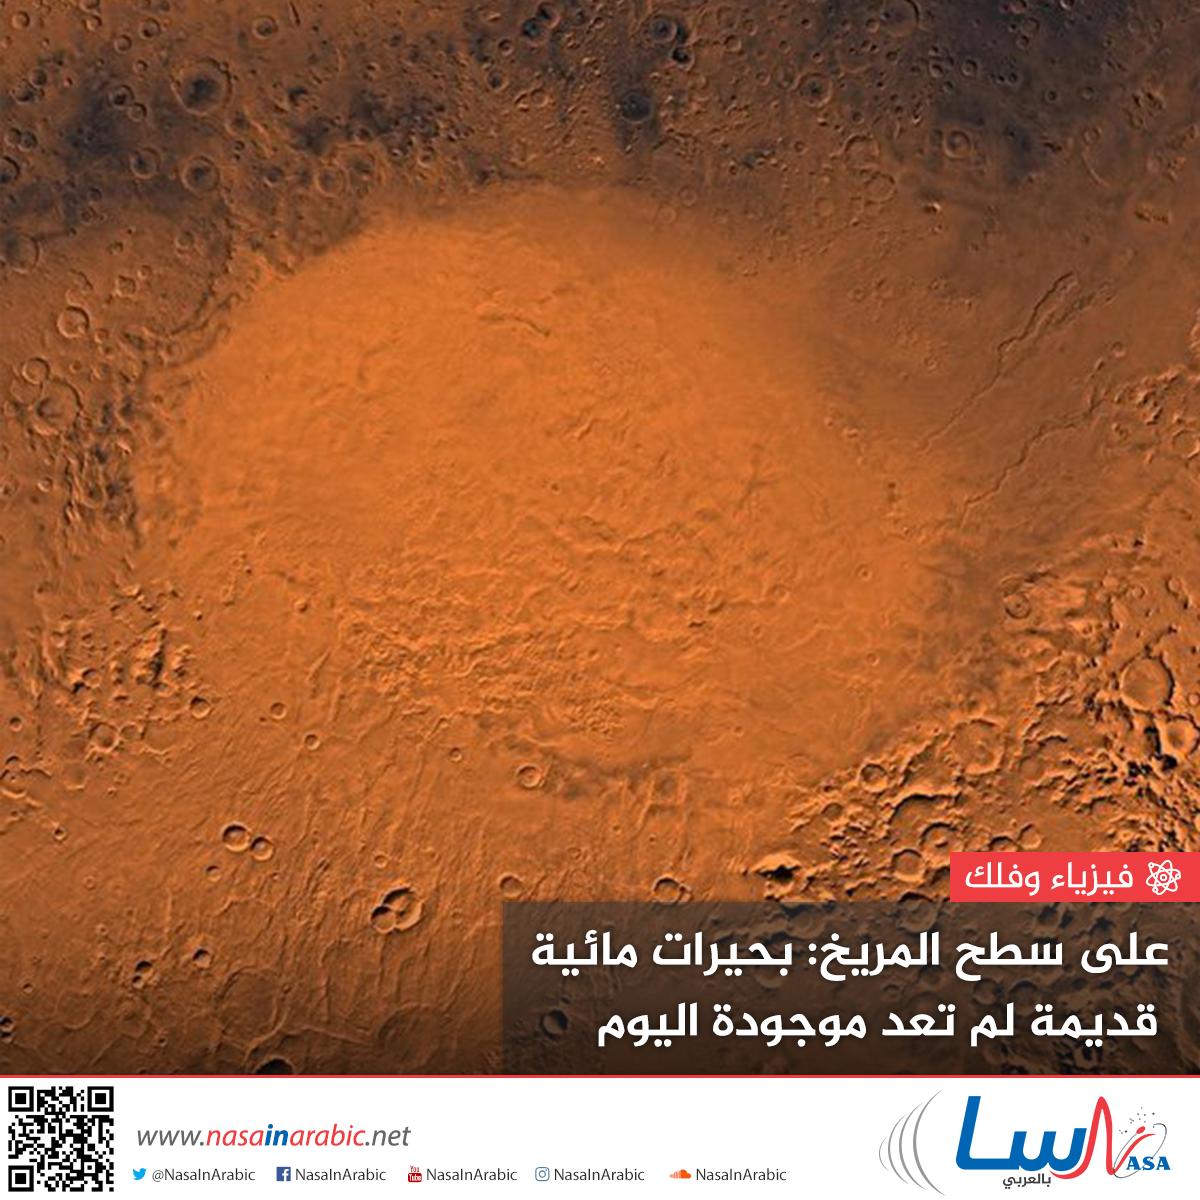 على سطح المريخ: بحيرات مائية قديمة لم تعد موجودة اليوم